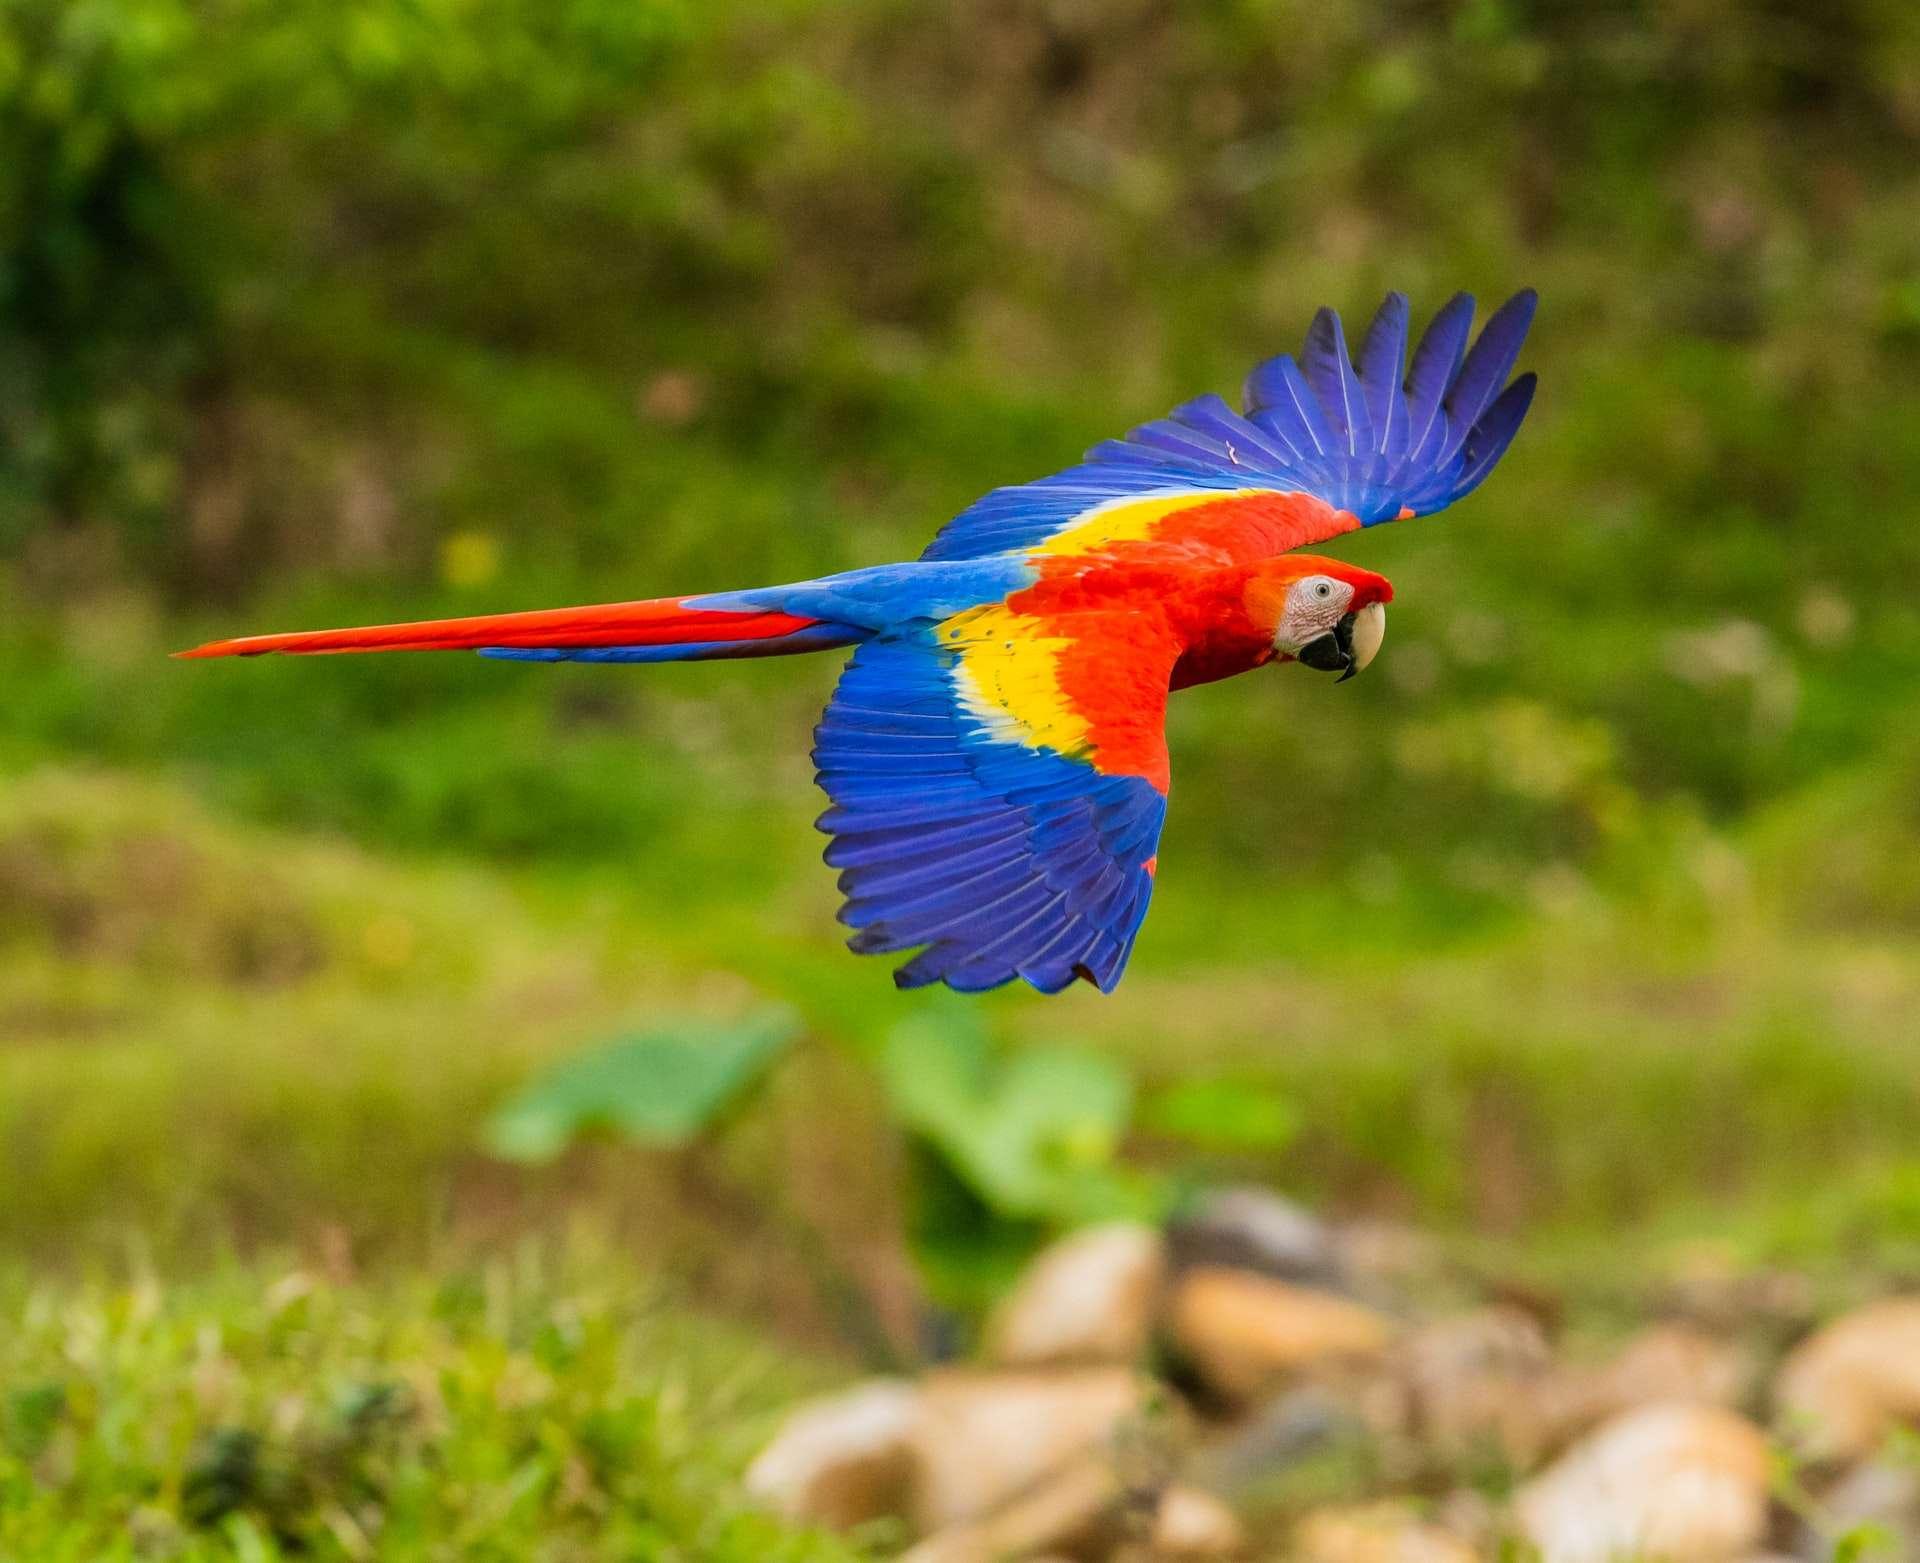 Papağanlar Sahibini Isırır mı? Kuduza Neden Olur mu? Papağan Isırması Nasıl Engellenir?